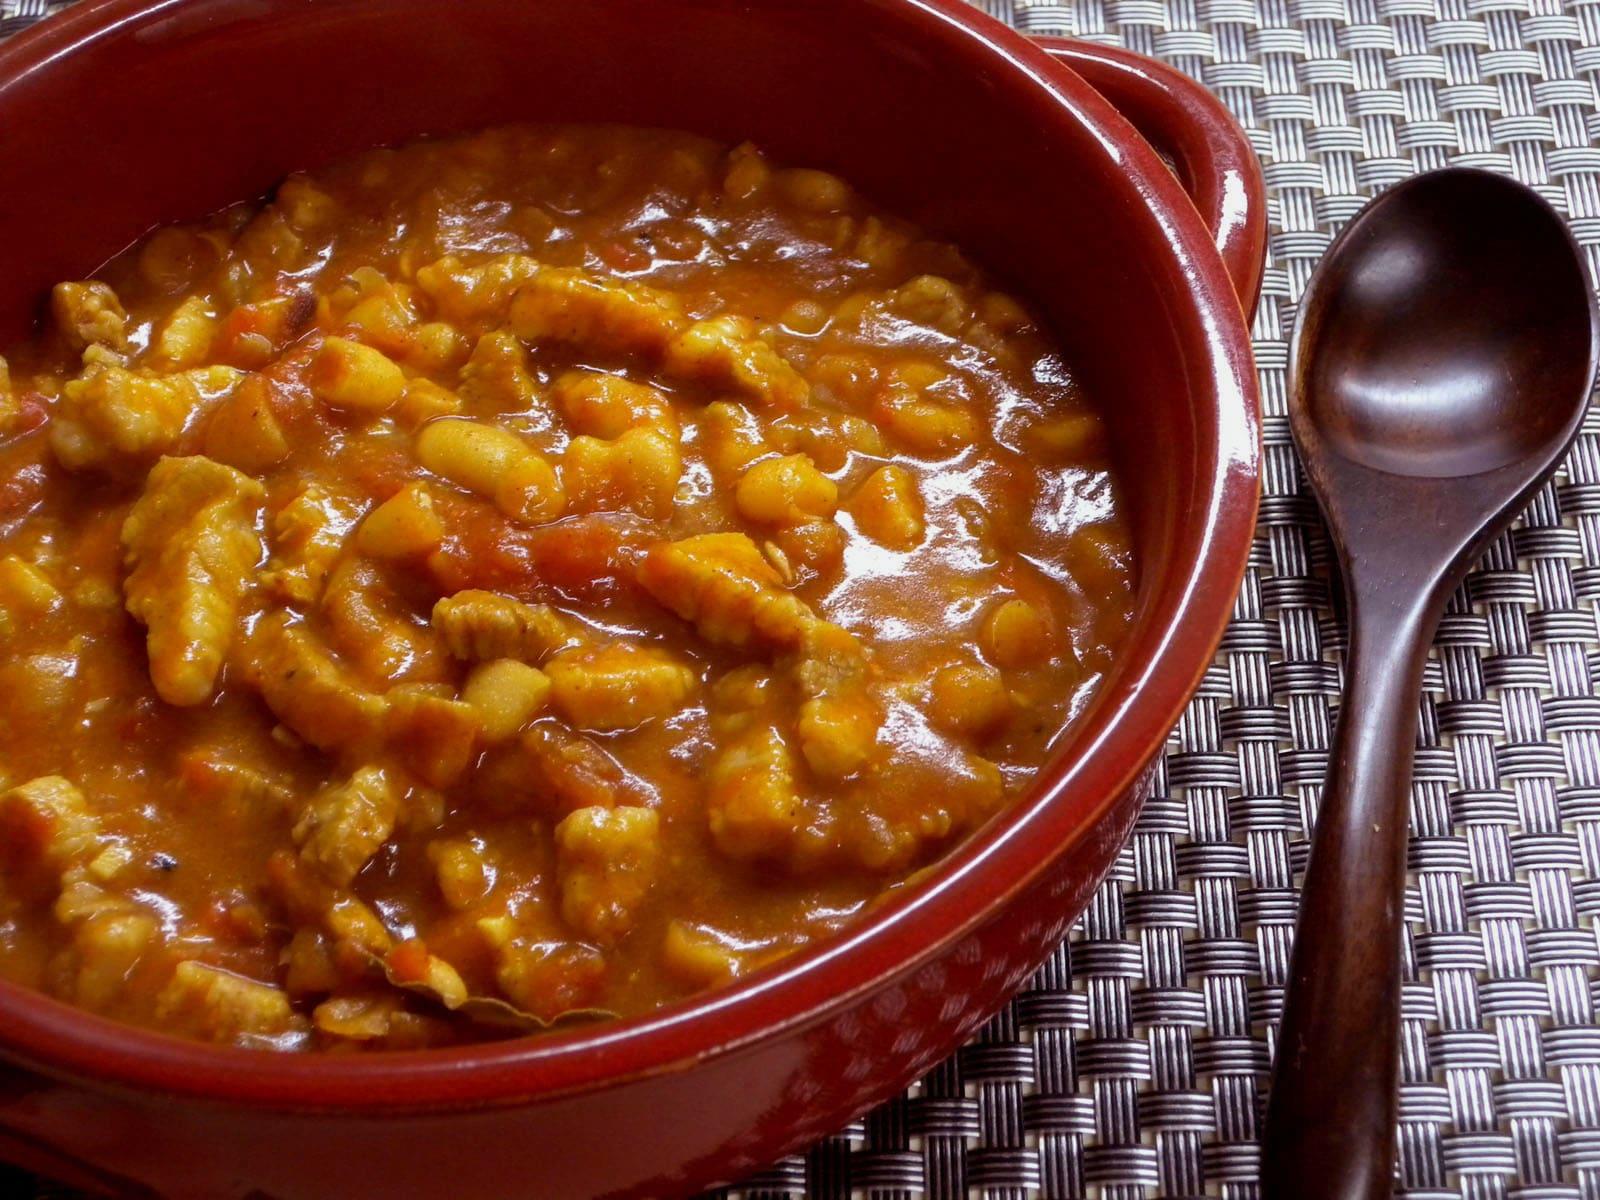 【ホームメイドクッキング】豆の水煮缶がご馳走に!ピリっと辛い豆煮込み